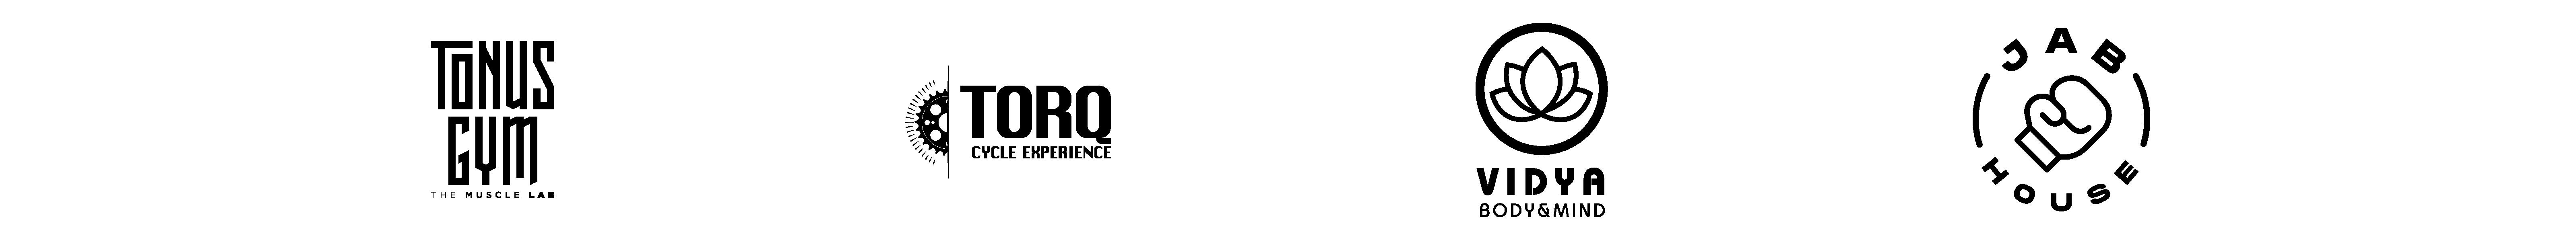 logo-academias-totalpass-2